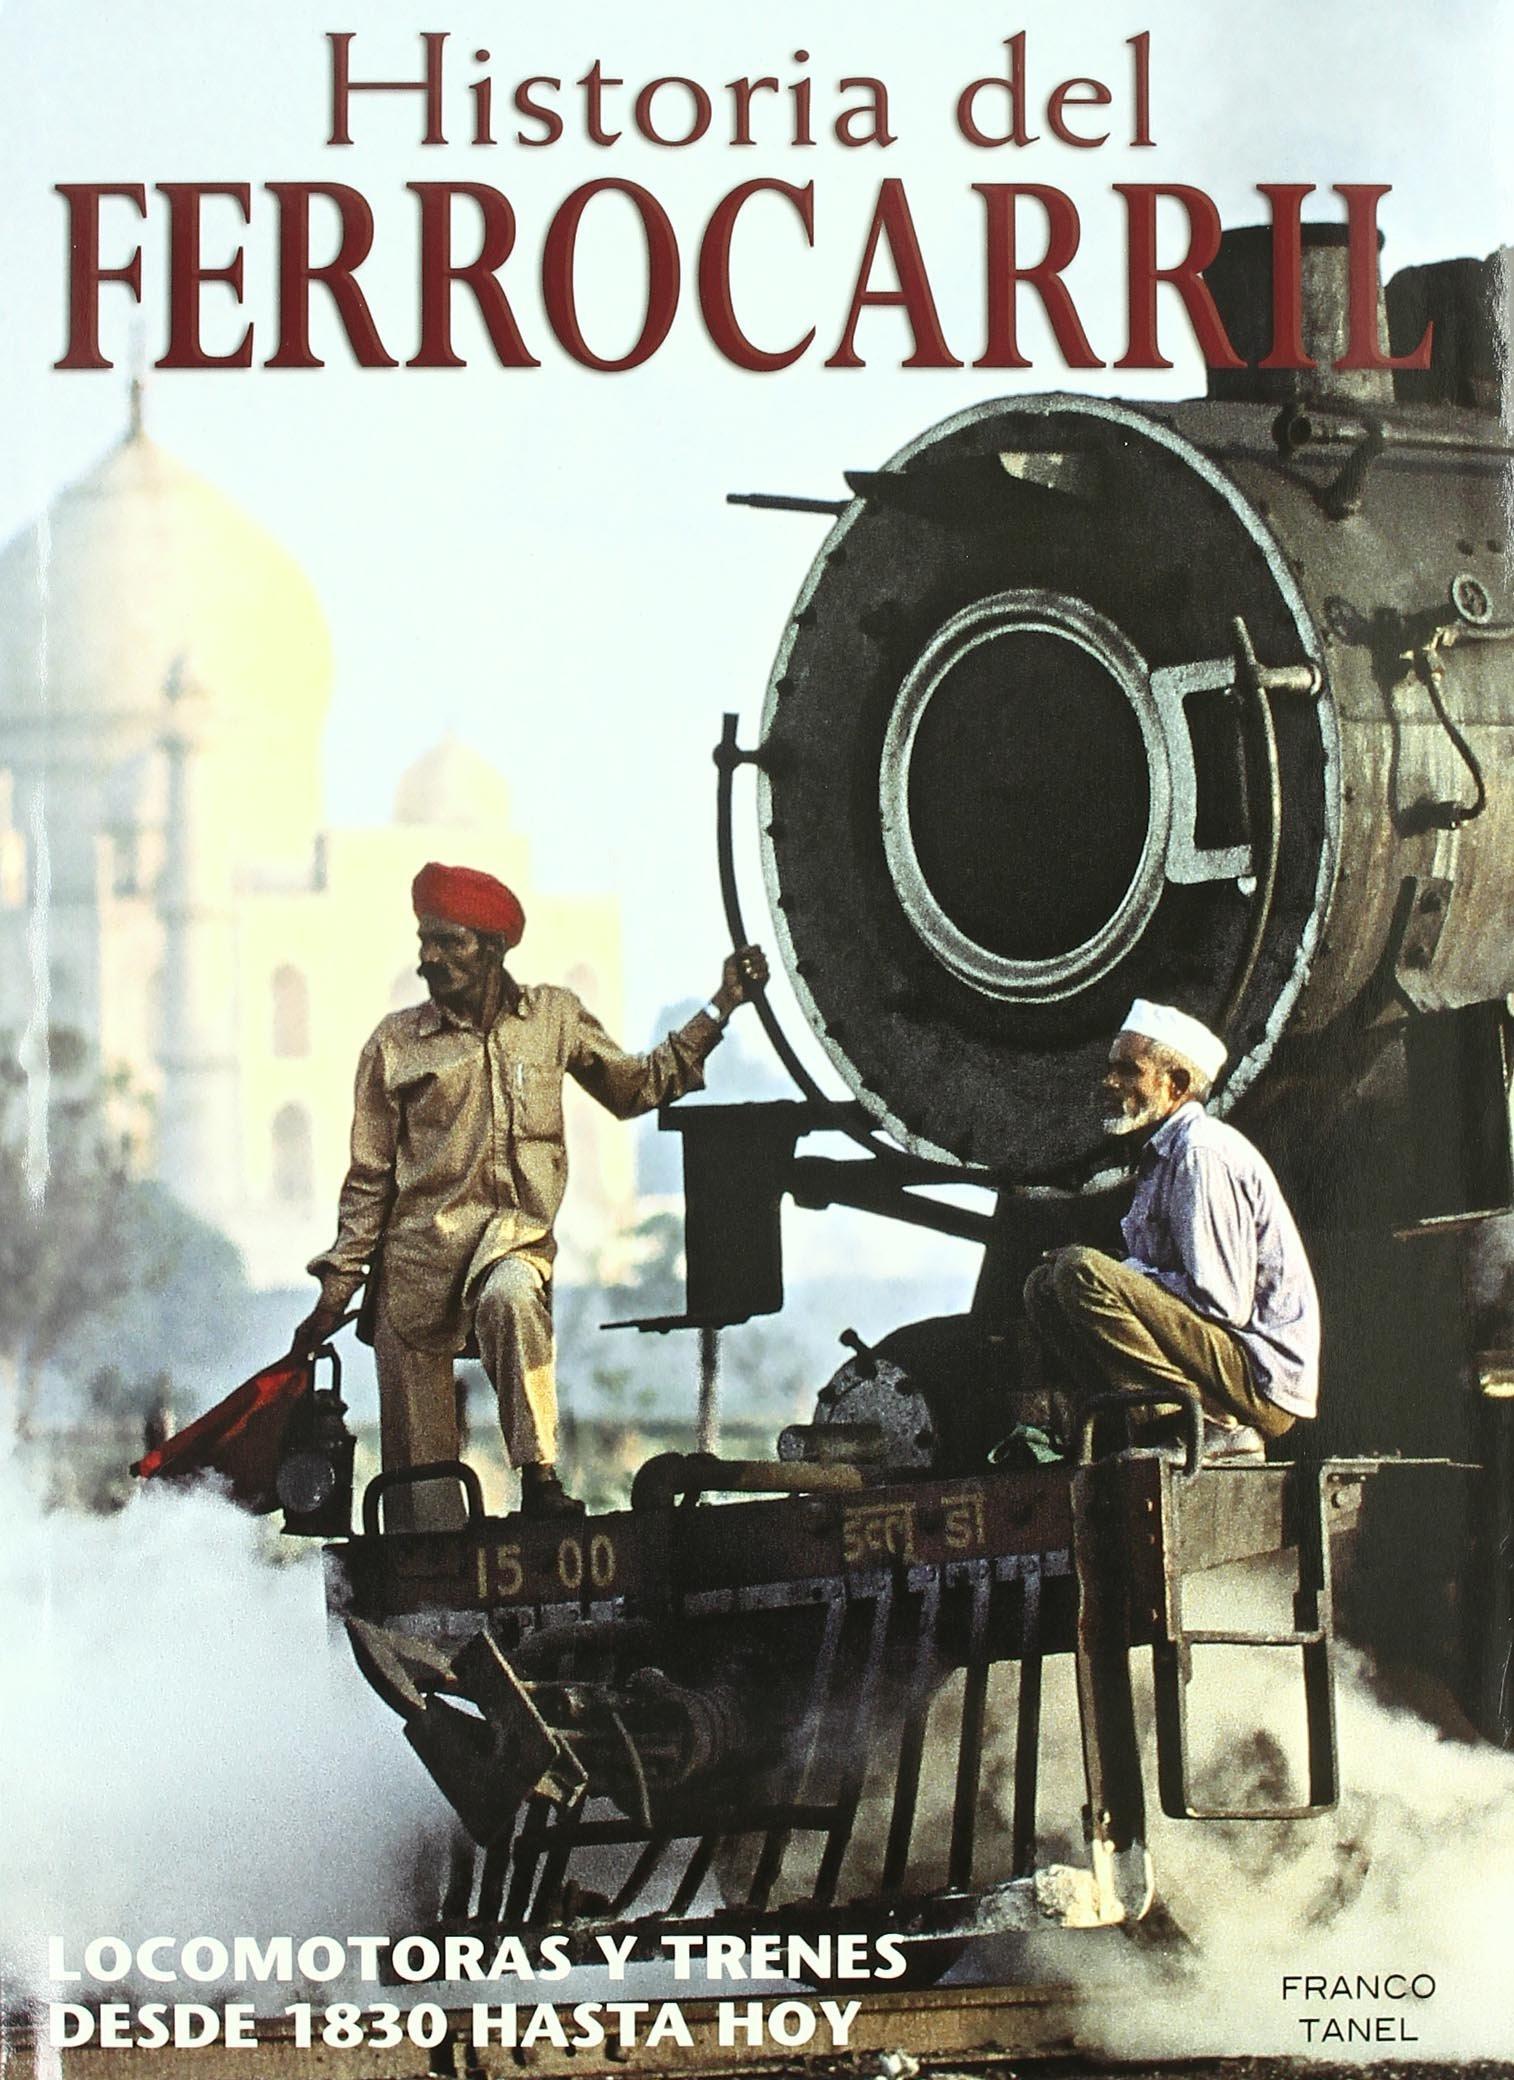 Historia del ferrocarril (TRANSPORT BOOKS): Amazon.es: Tanel ...